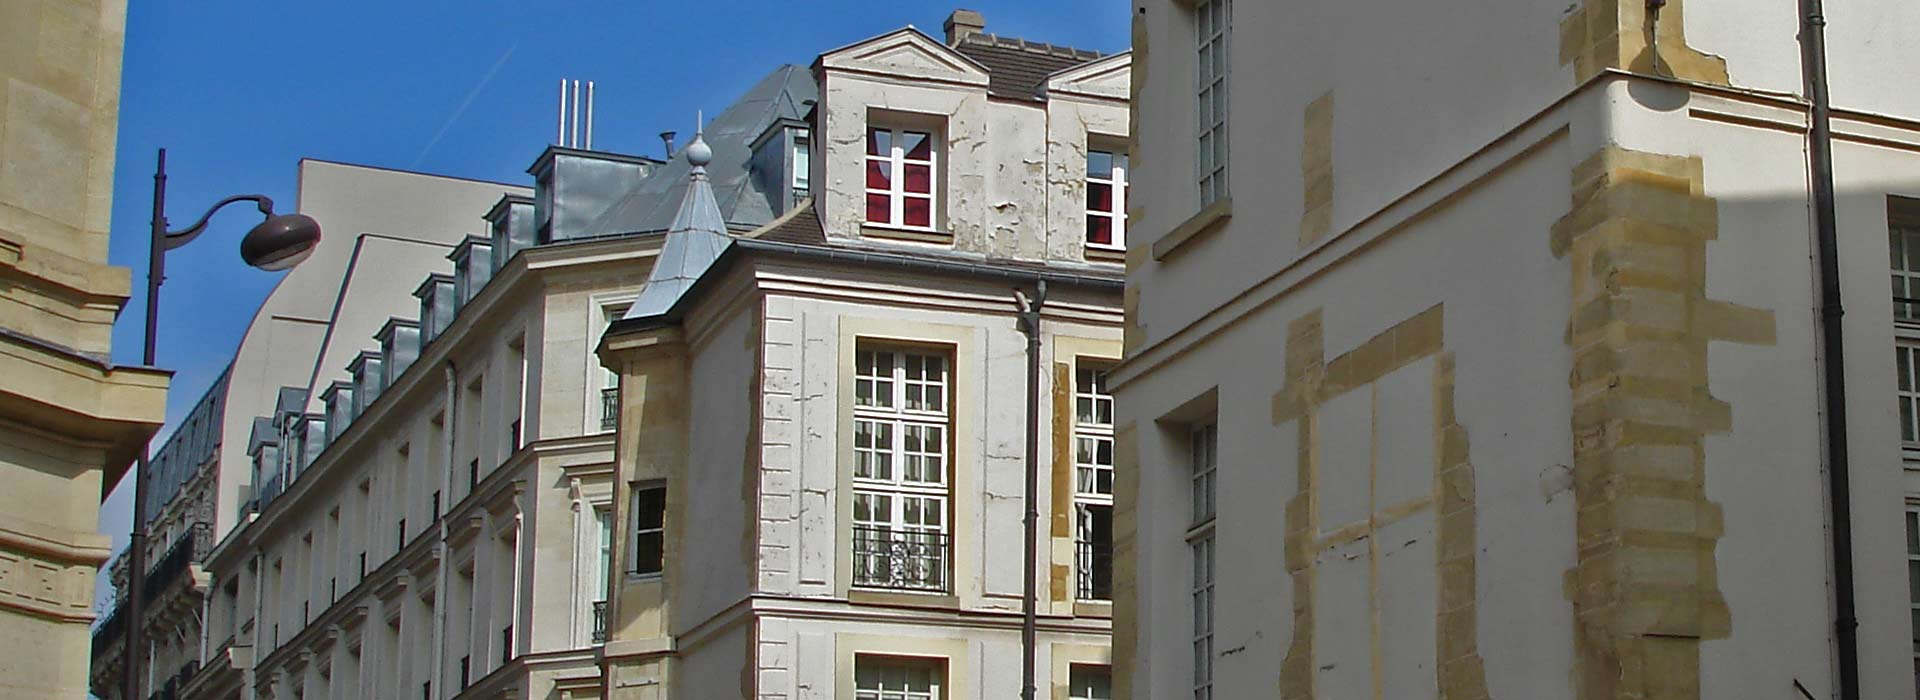 Le vieux village Saint-André-des-Arts